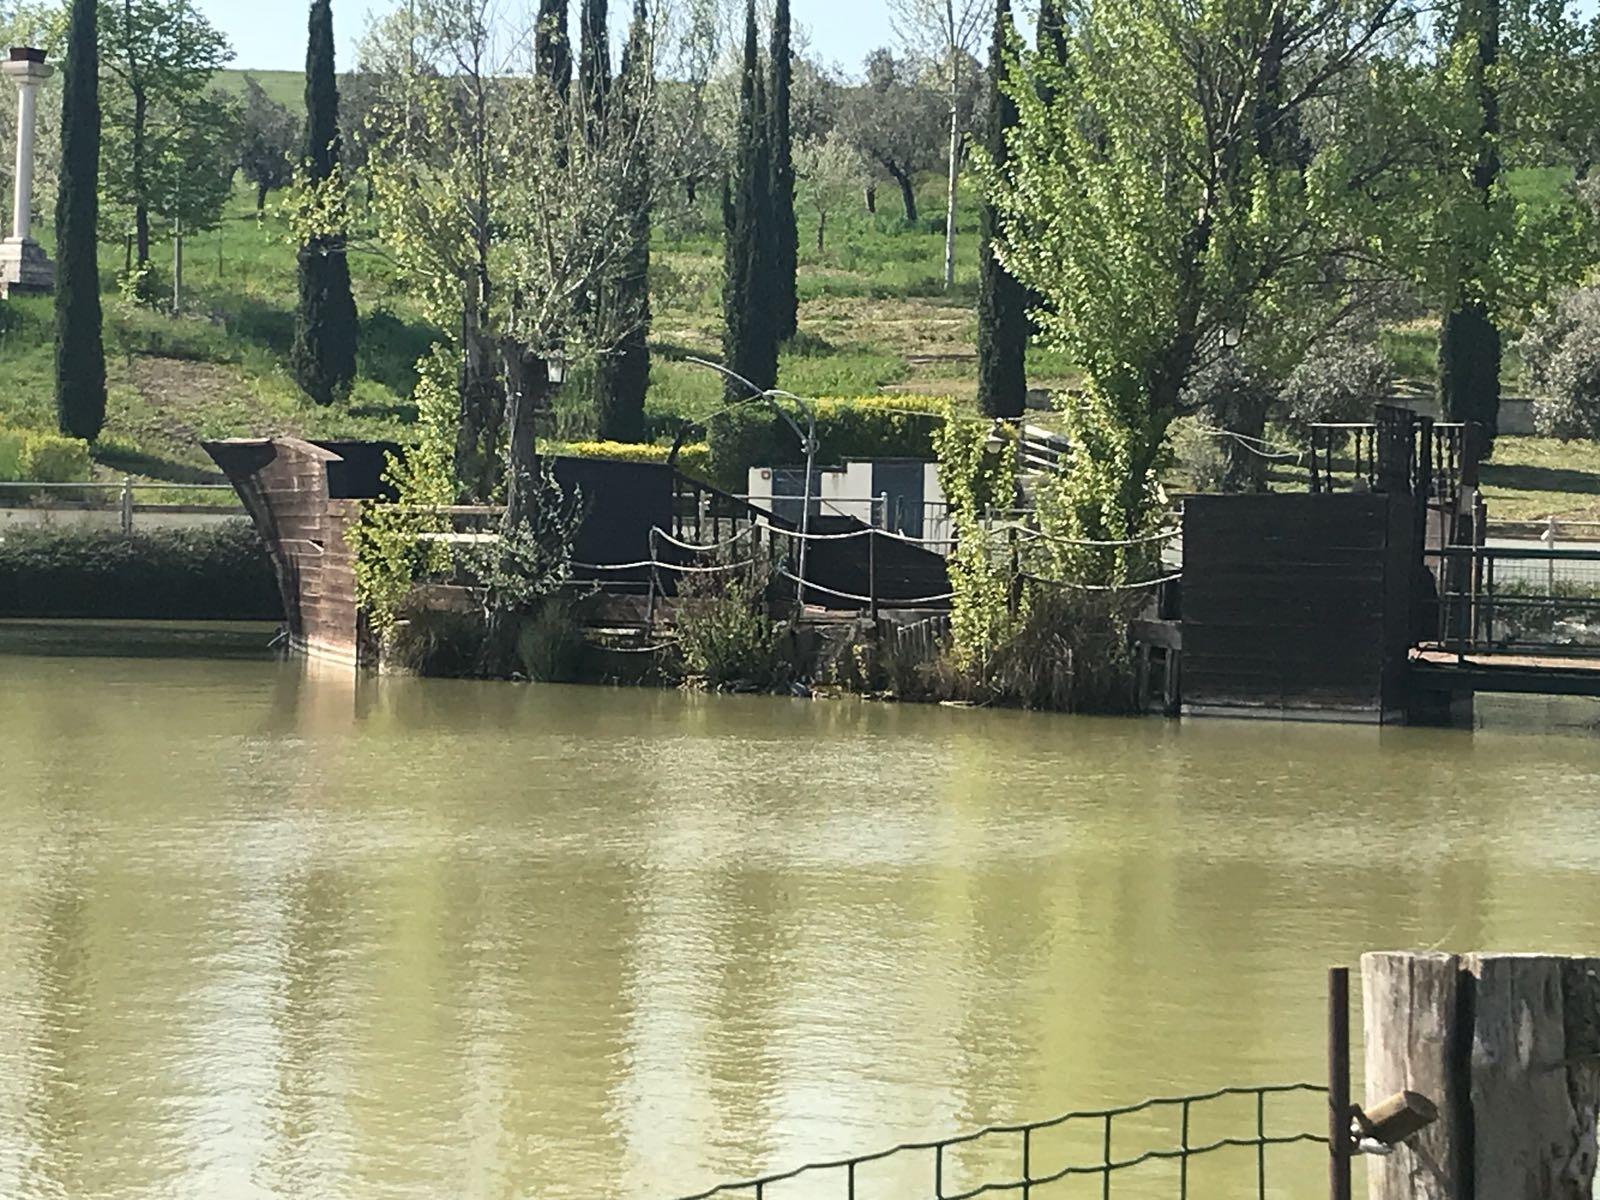 Parco divertimenti in Umbria con lago di pesca sportiva